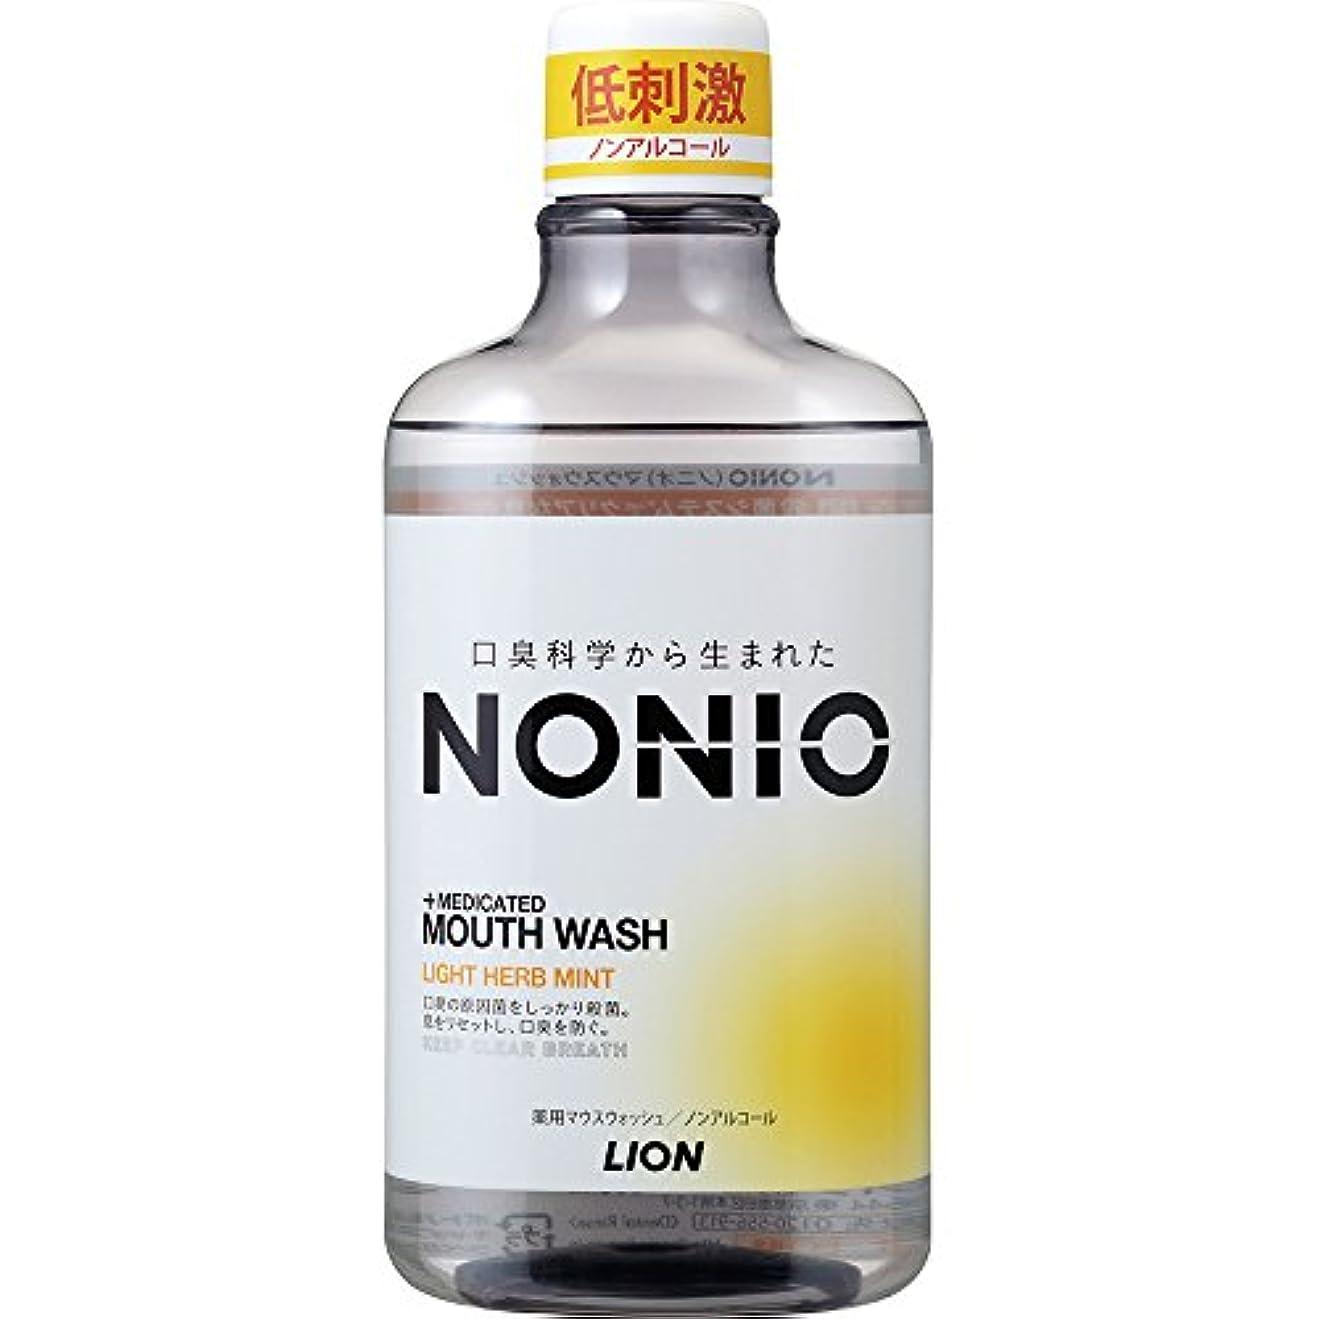 強盗歴史的暗殺[医薬部外品]NONIO マウスウォッシュ ノンアルコール ライトハーブミント 600ml 洗口液